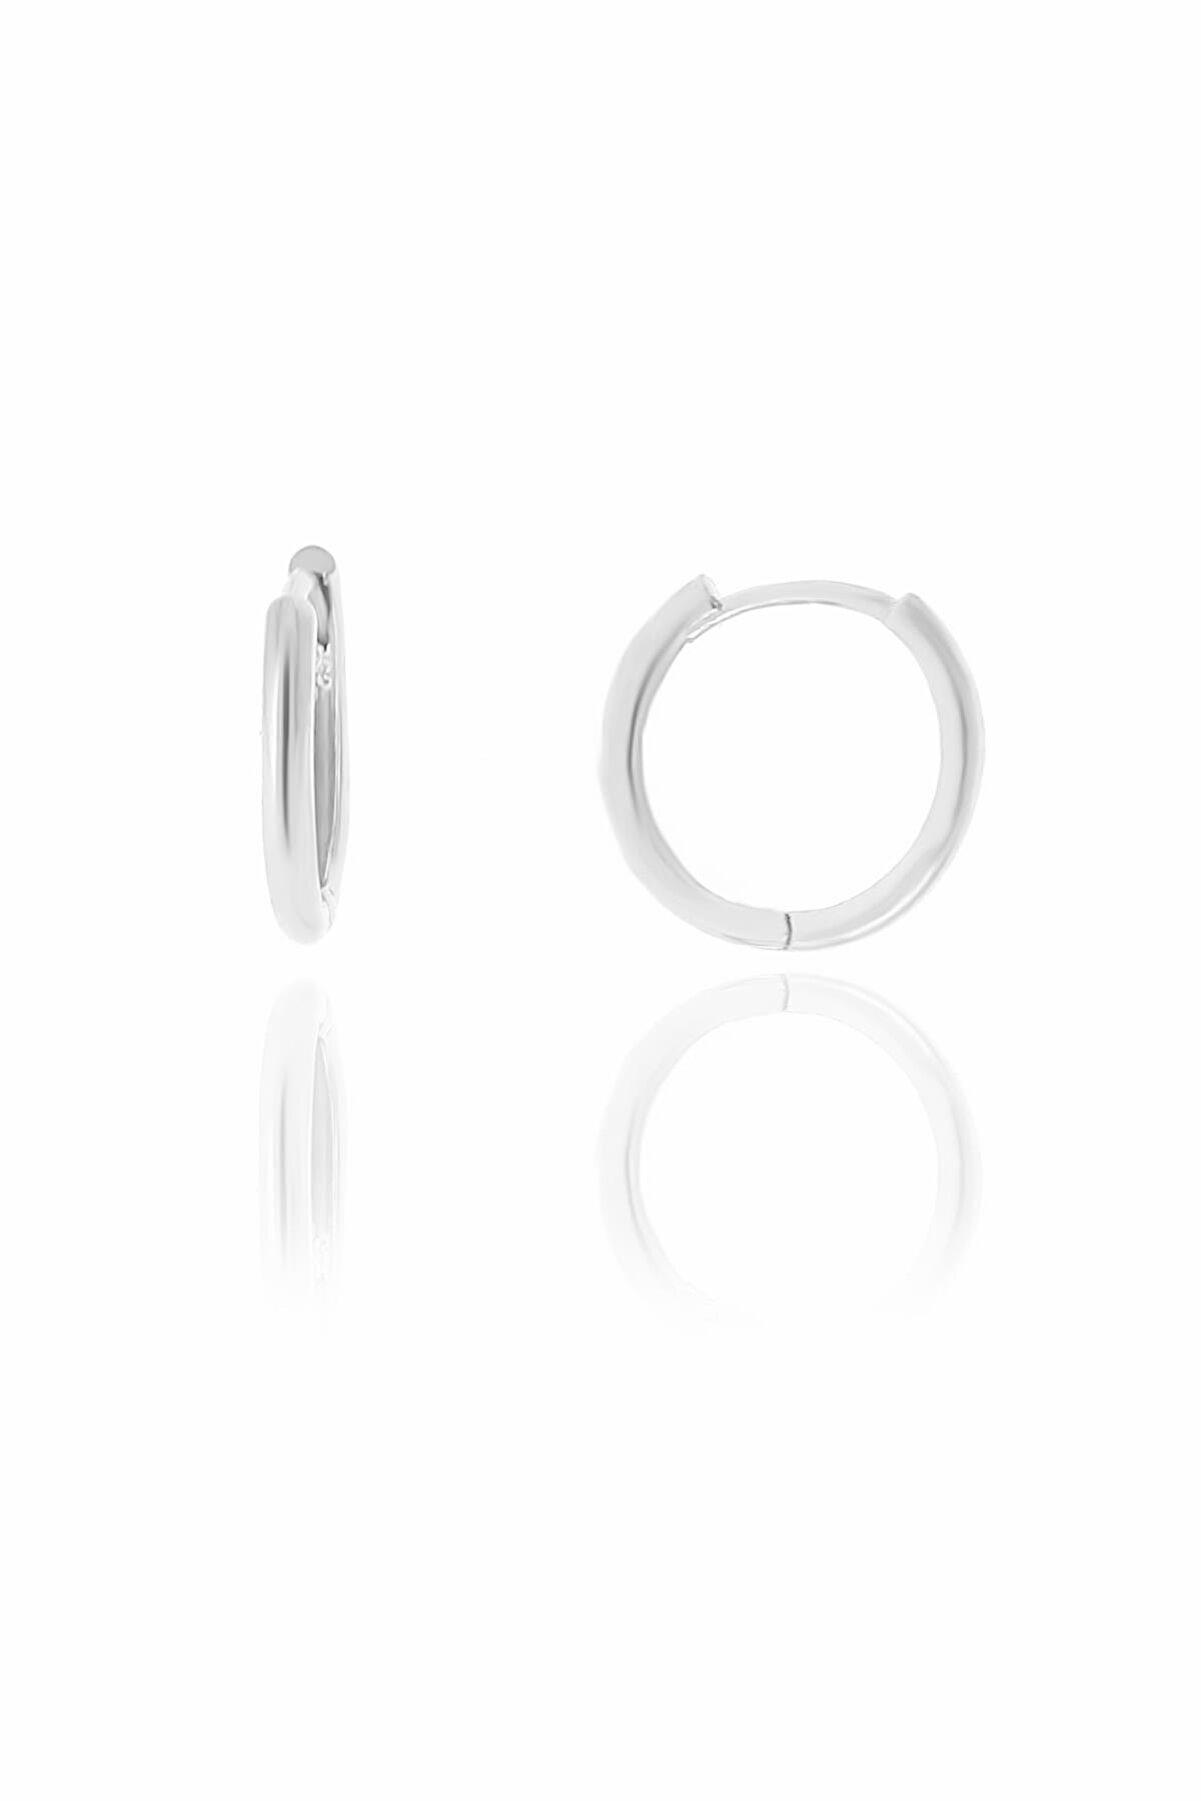 Söğütlü Silver Gümüş Rodyumlu 14 Mm Halka Küpe